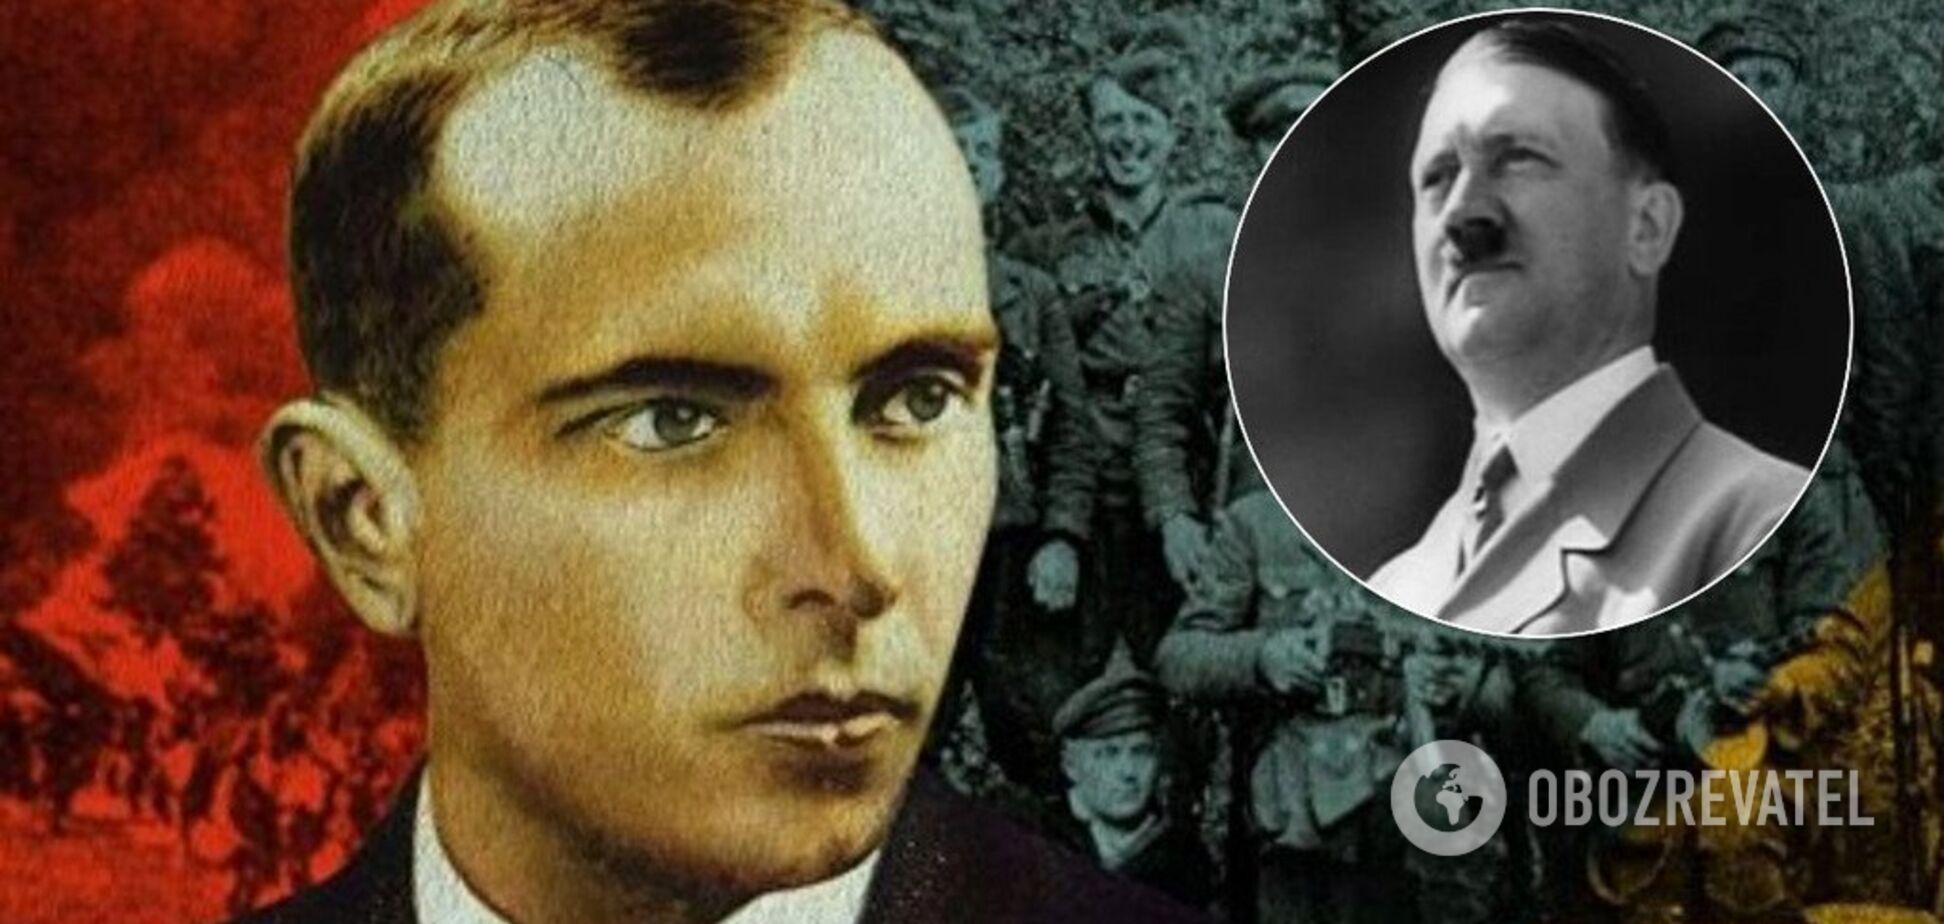 Доклад ЦРУ о Бандере: был ли он 'агентом Гитлера'?